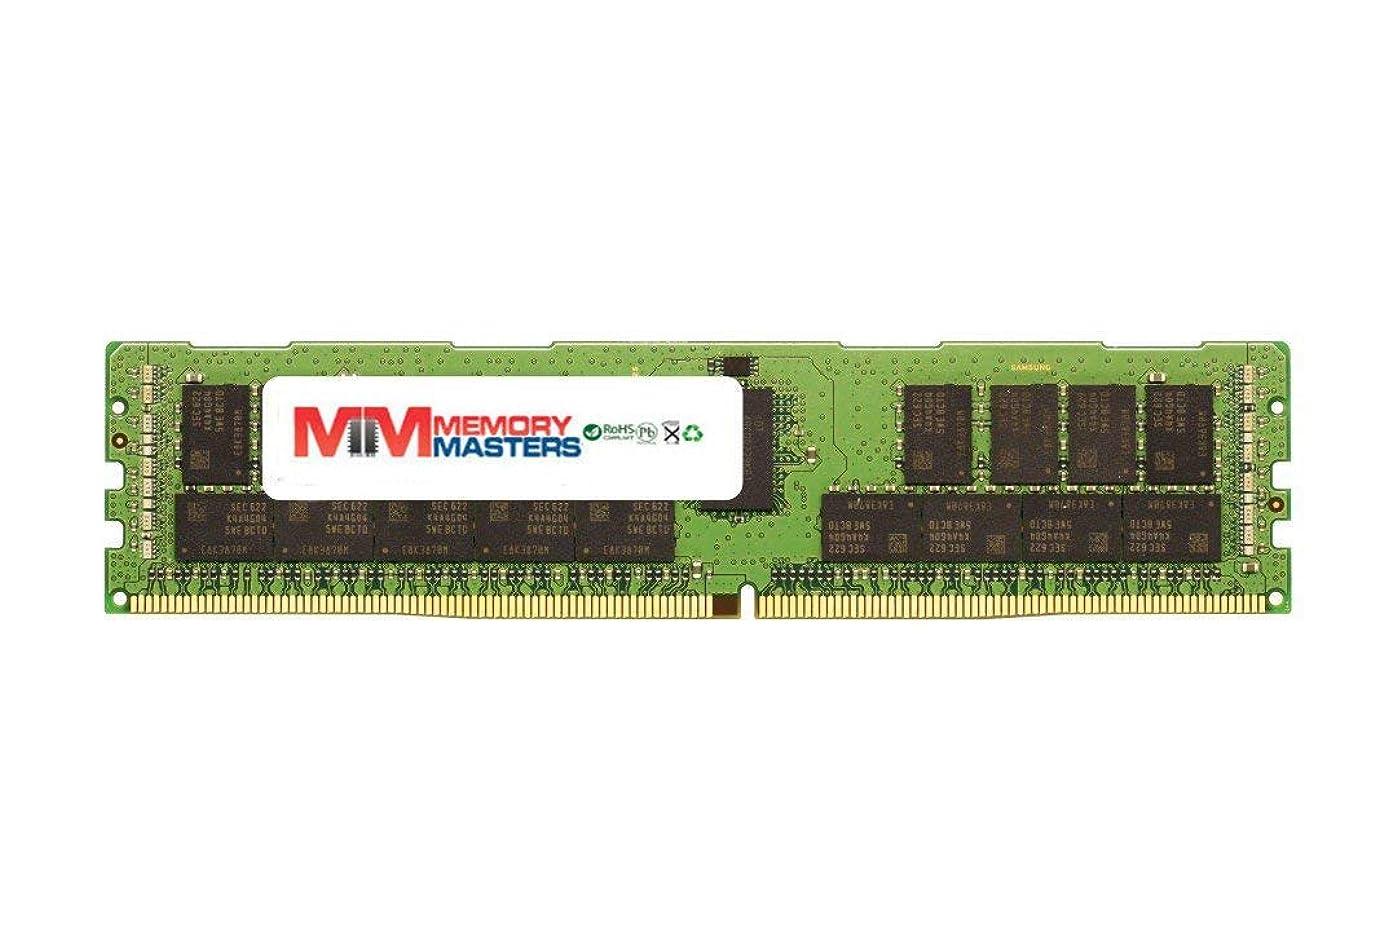 プレミア幸運なことに座標MemoryMasters Dell SNPHNDJ7C/16G A8711887 16GB (1x16GB) PC4-2400 ECC 登録済みRDIMM メモリ DELL PowerEdge R730用